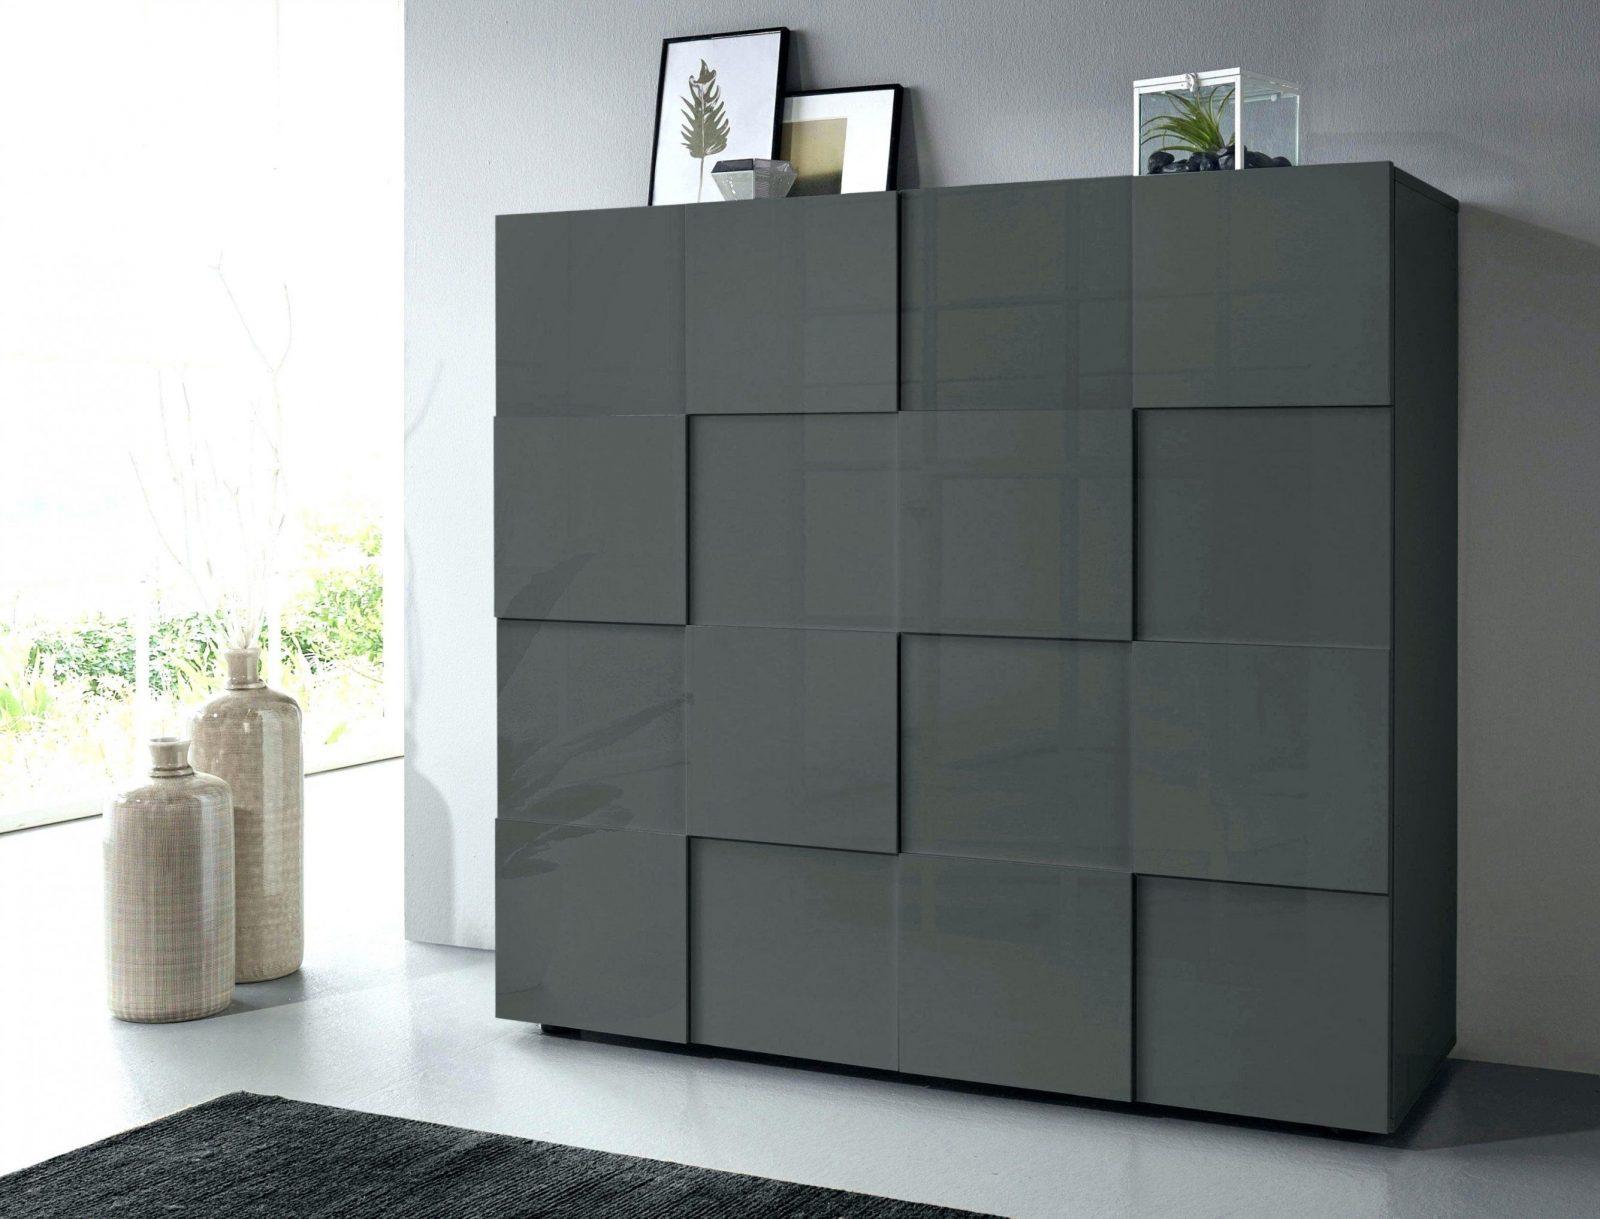 Wunderbar Schmales Sideboard Schmale Fur Flur Ikea – Hypechat Zum von Schmales Sideboard Für Flur Photo